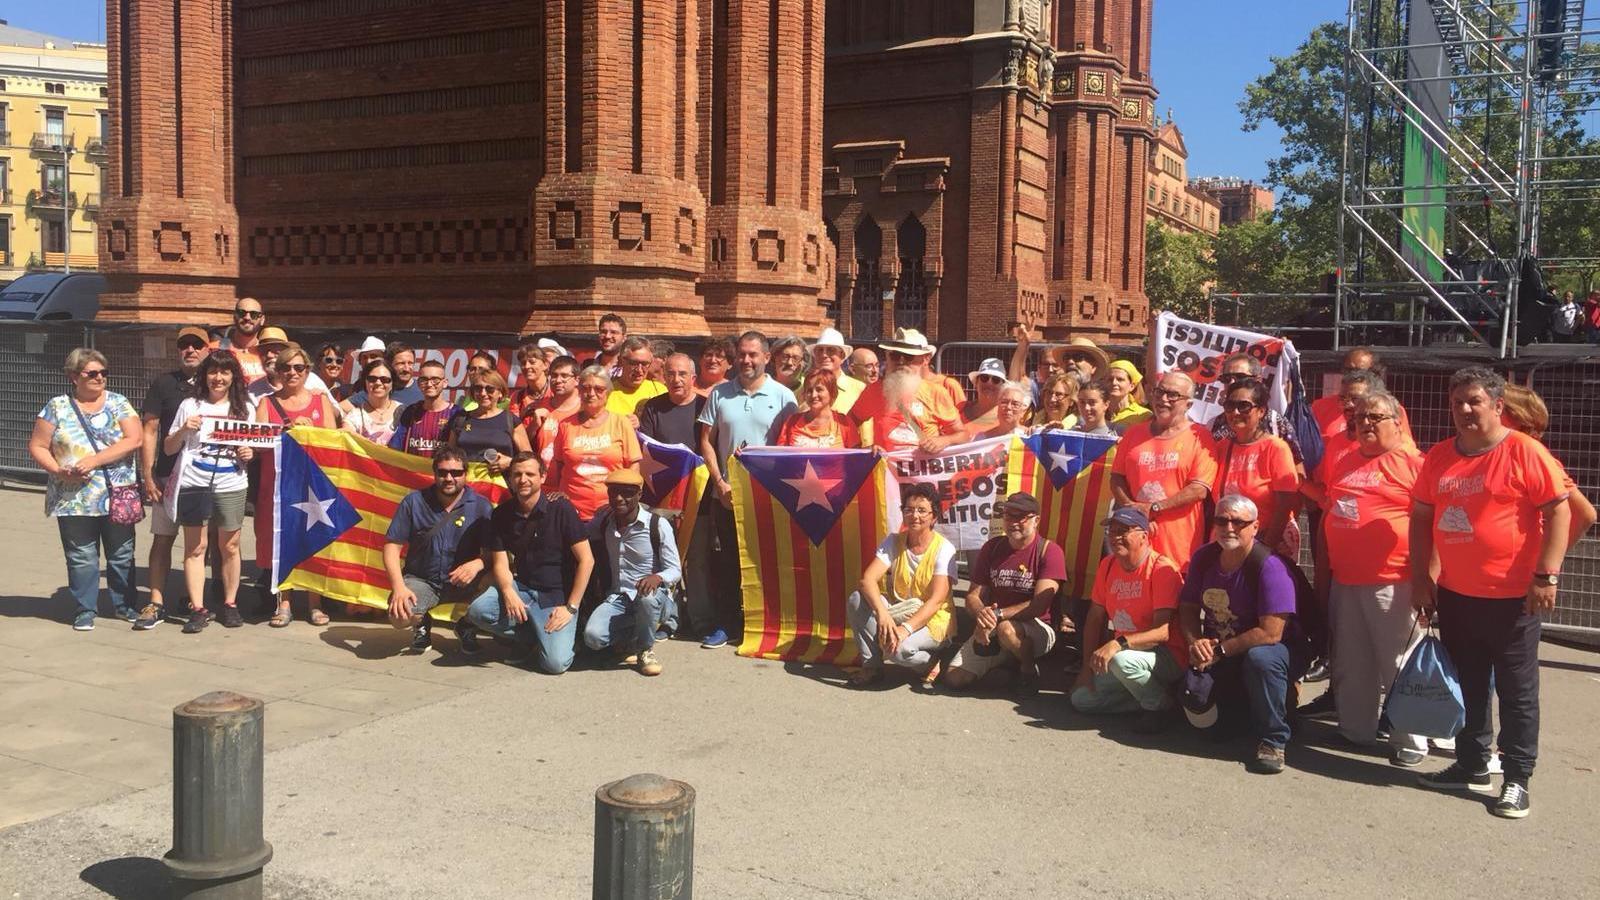 Les Illes Balears amb la Diada de Catalunya, els presos i els exiliats